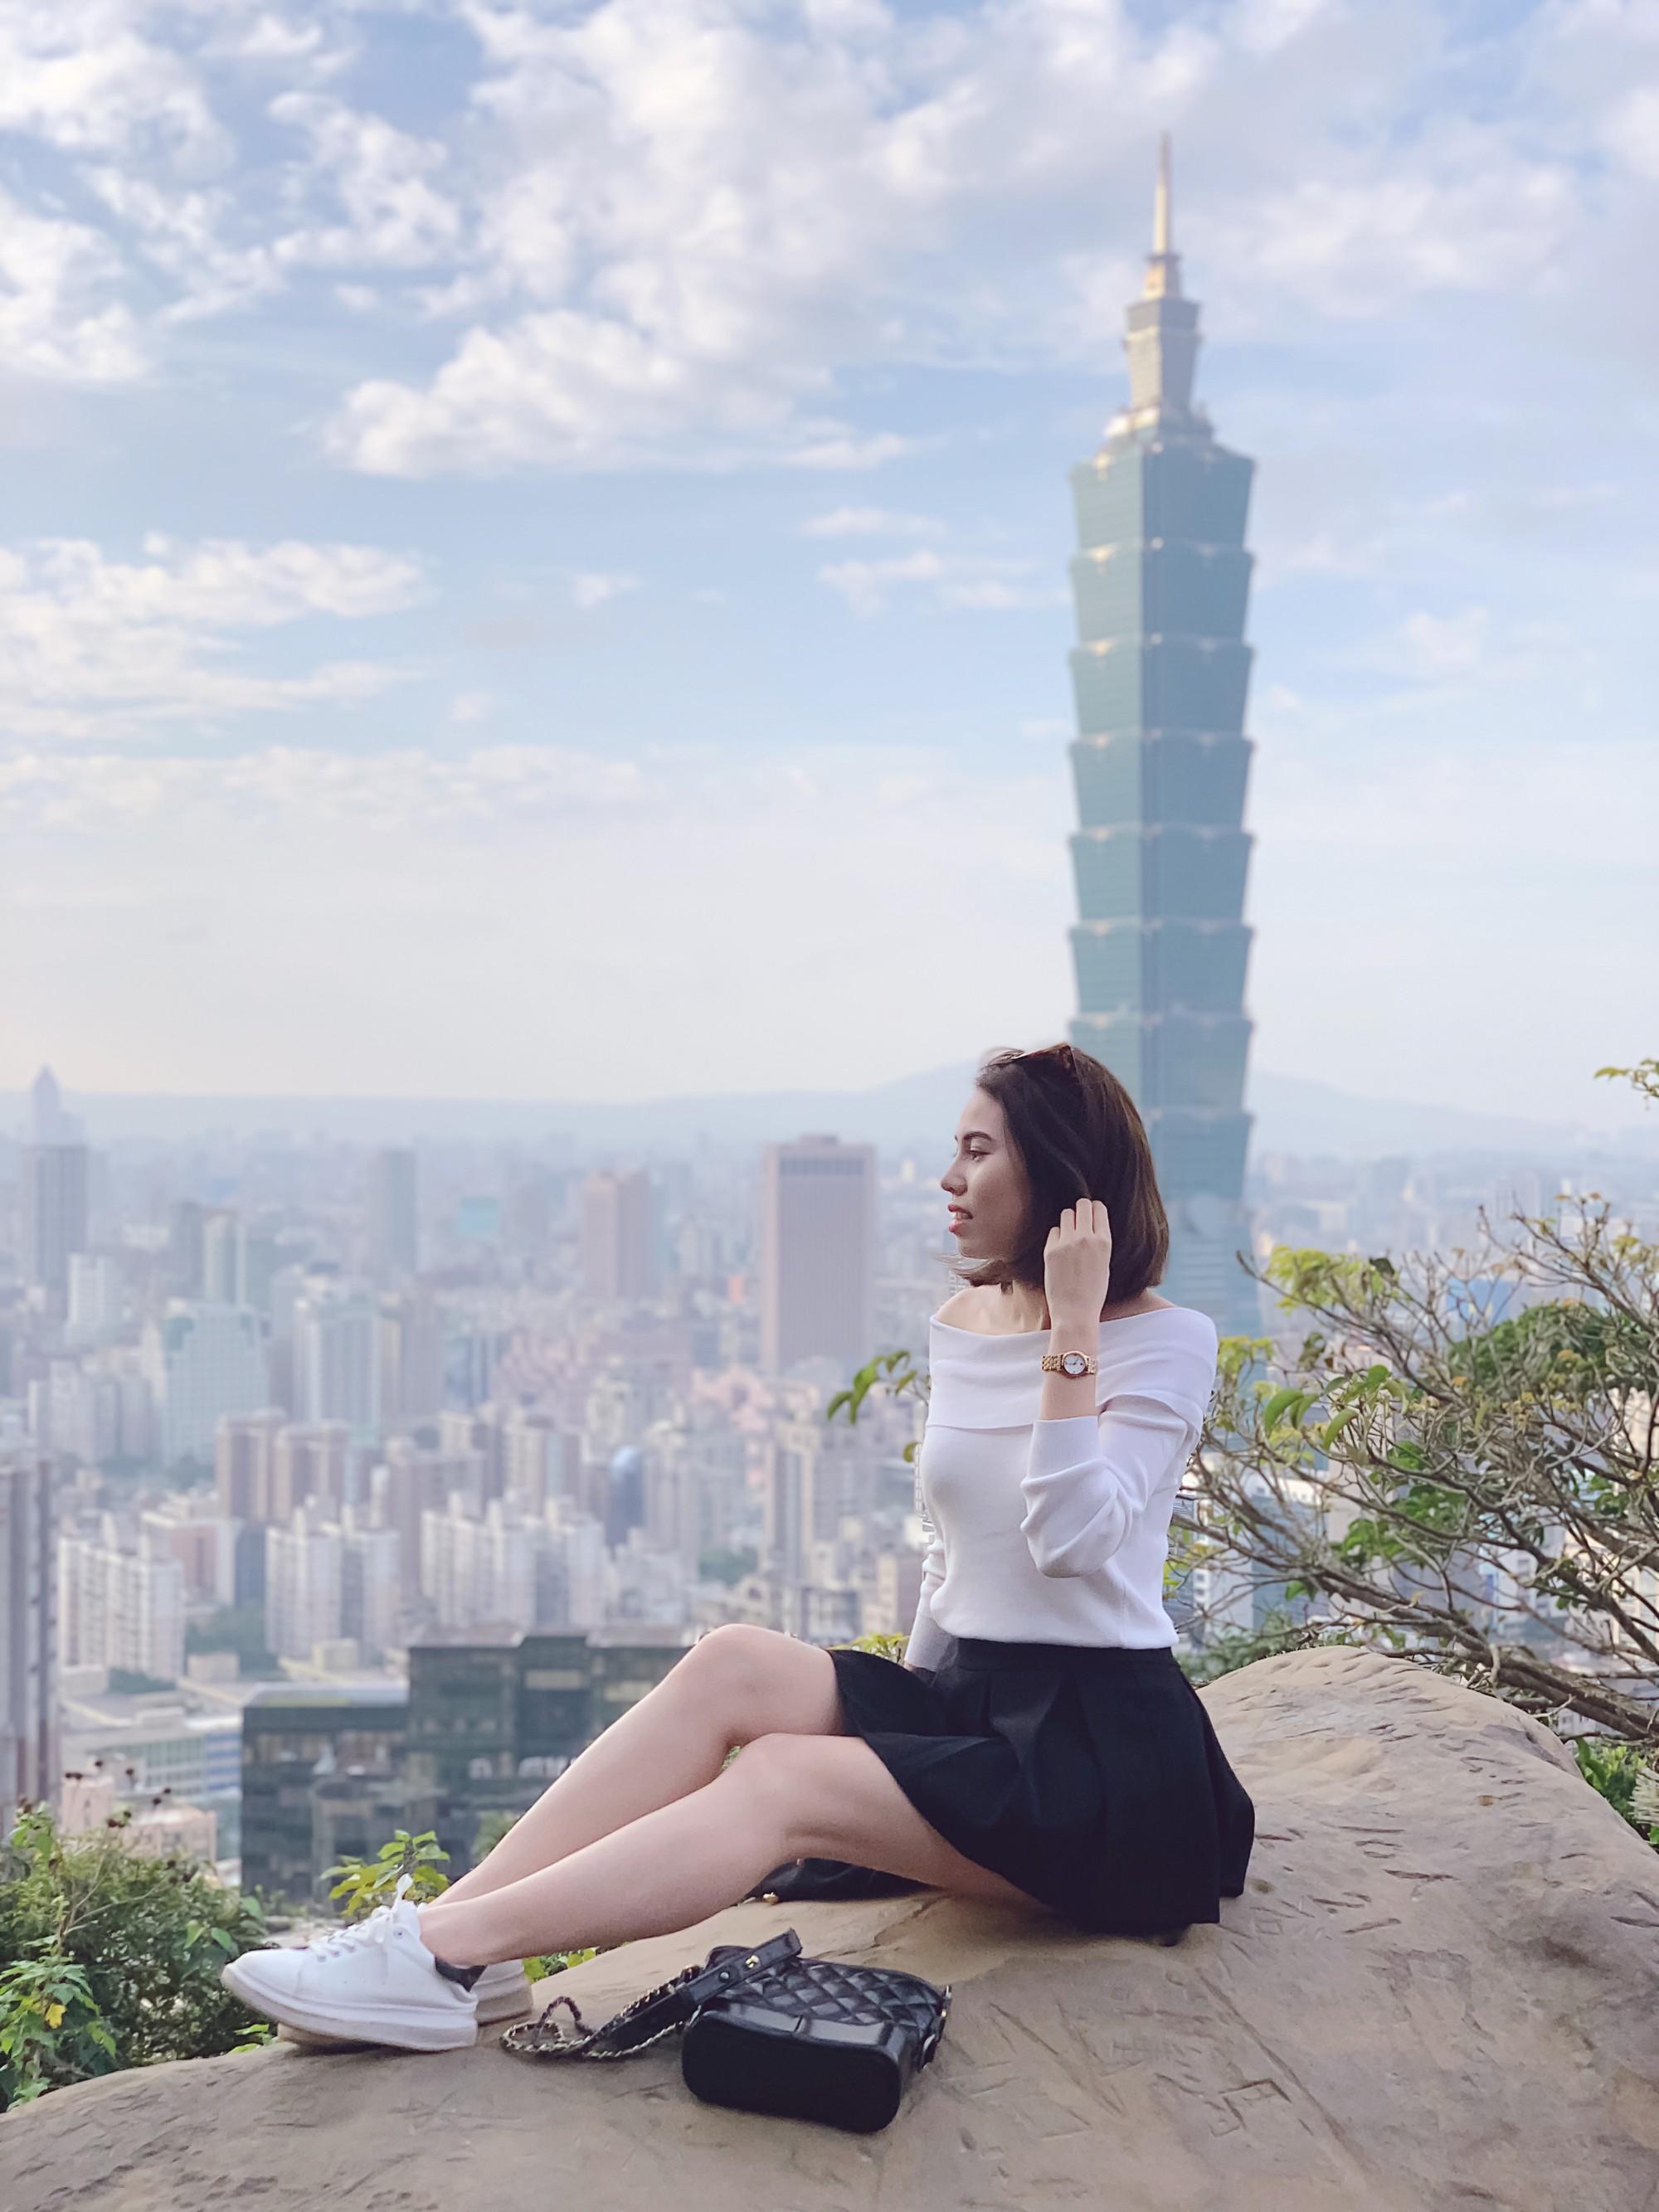 Tất tần tật kế hoạch du lịch tự túc Đài Bắc, không xem thì phí lắm đó! - Ảnh 7.